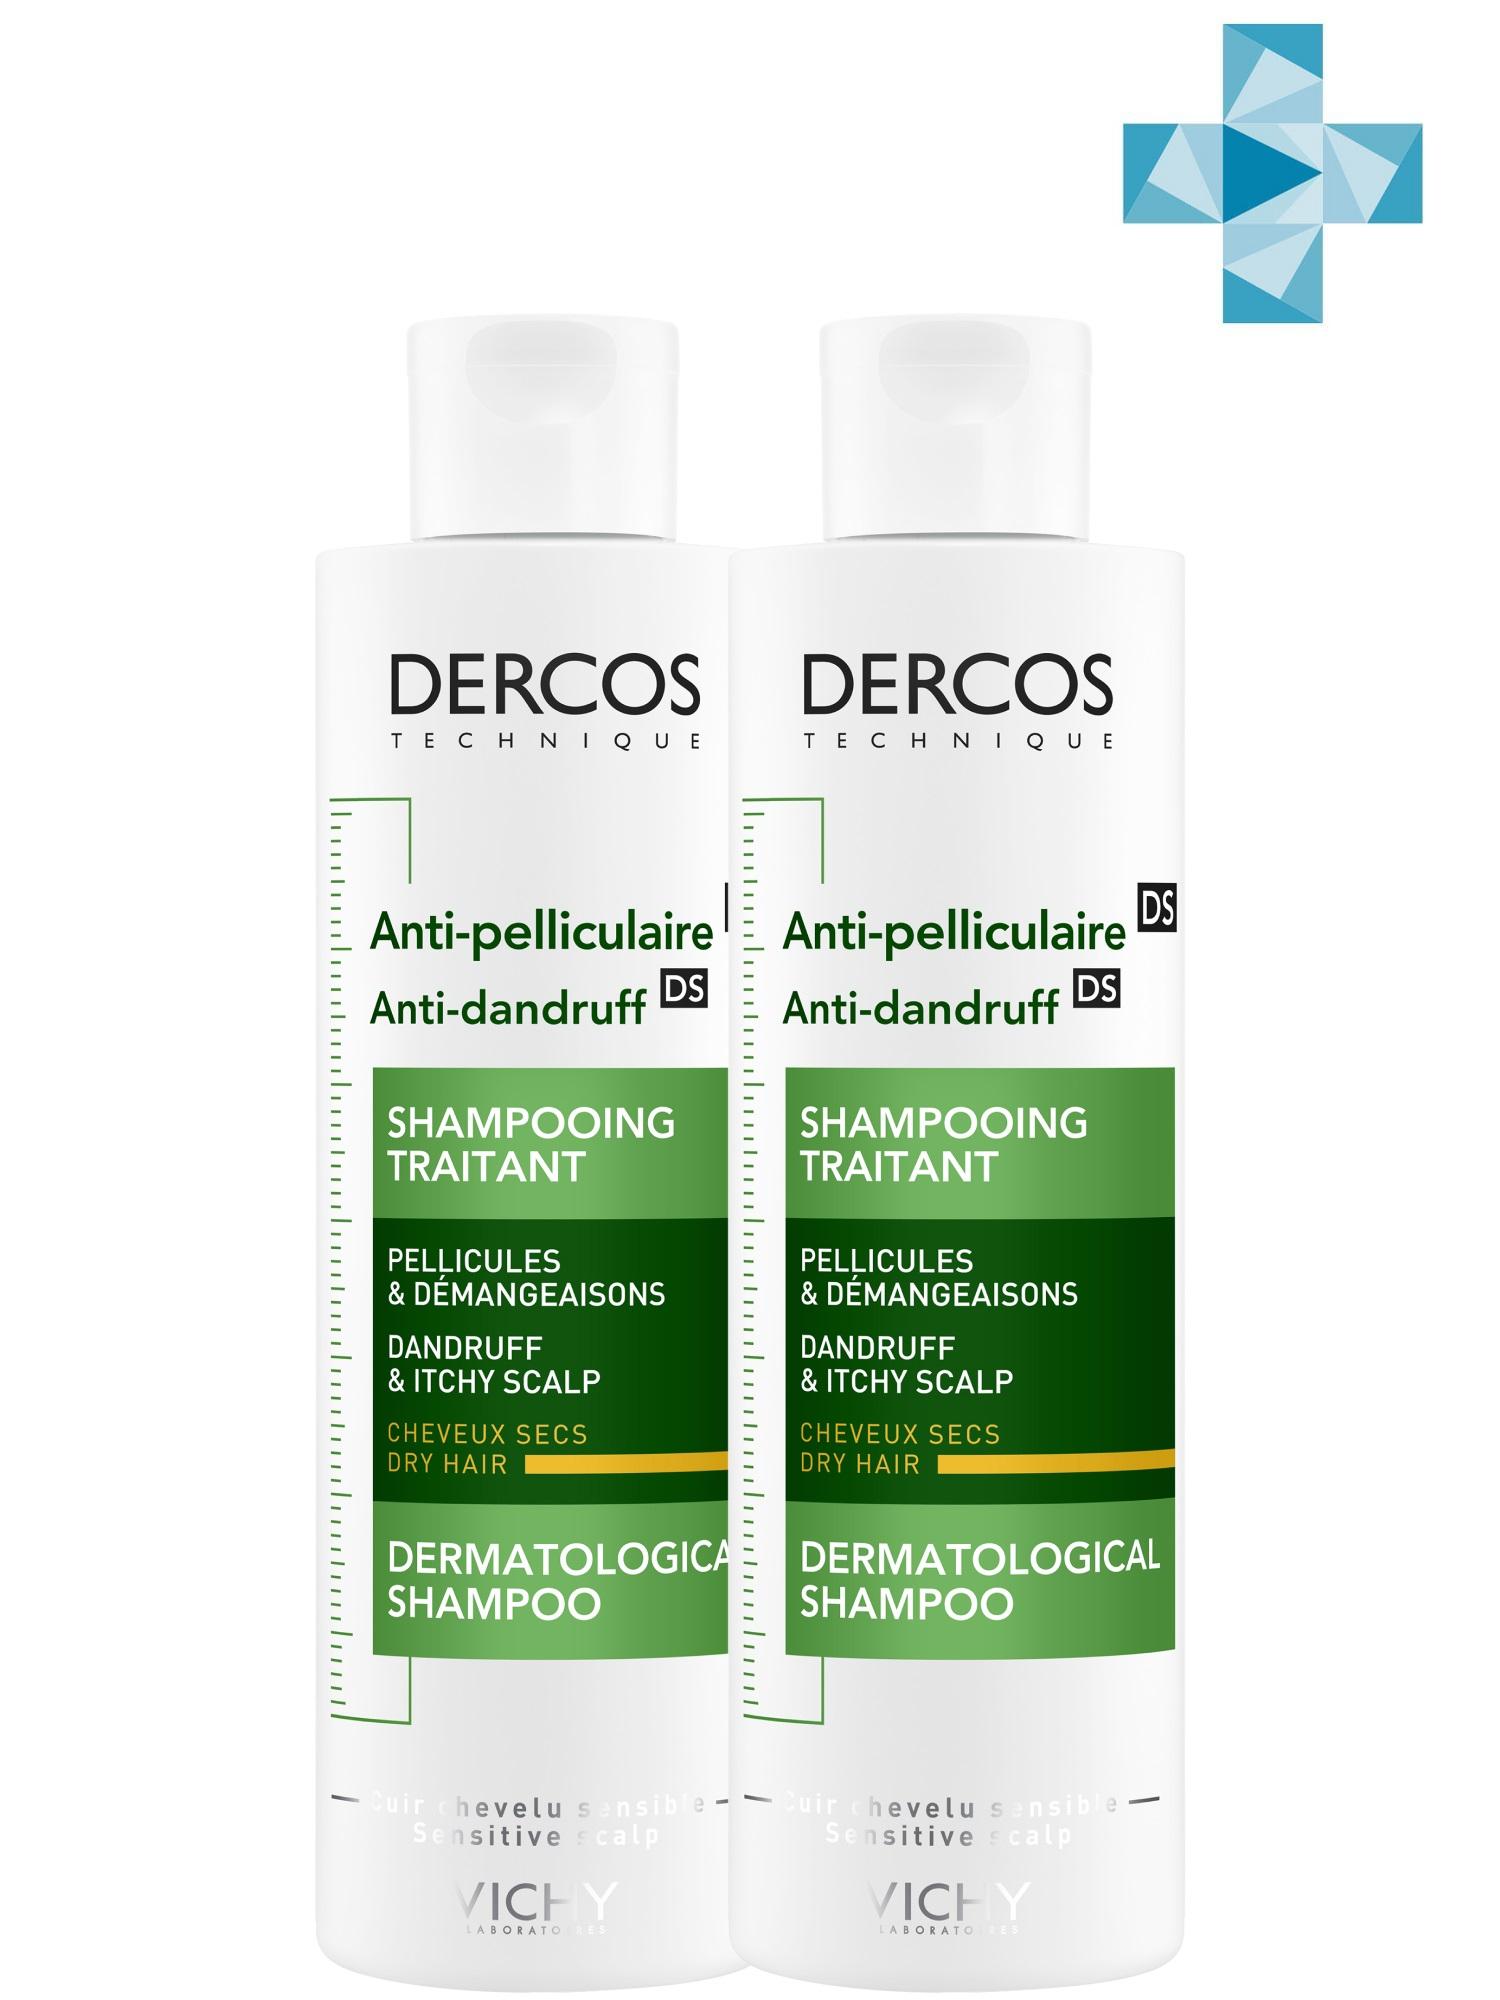 Купить Vichy Комплект Деркос Интенсивный Шампунь-уход против перхоти питательный для сухих волос, 2 шт. по 200 мл (Vichy, Dercos), Франция